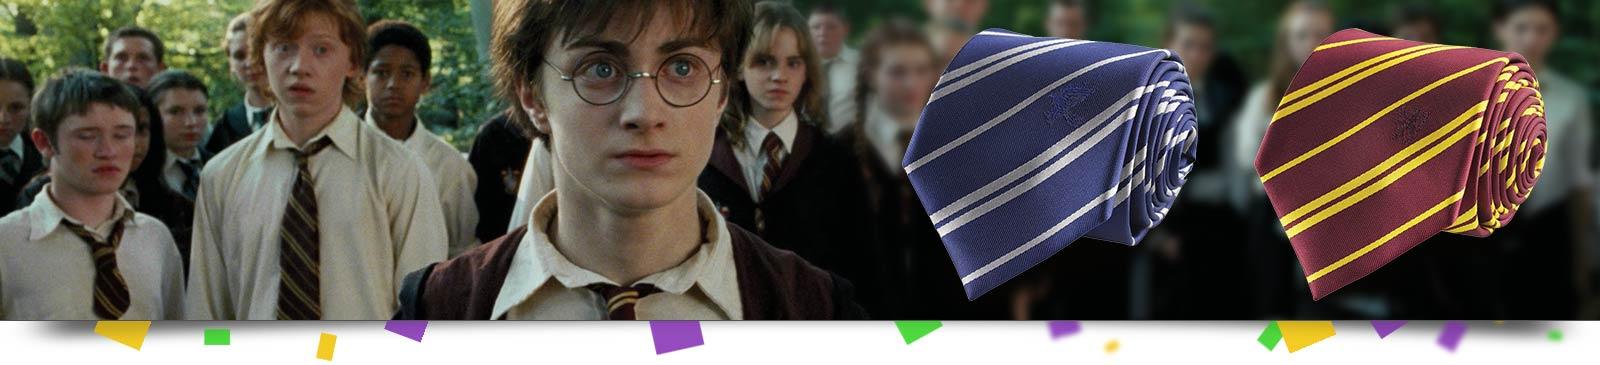 Harry Potter Krawatten